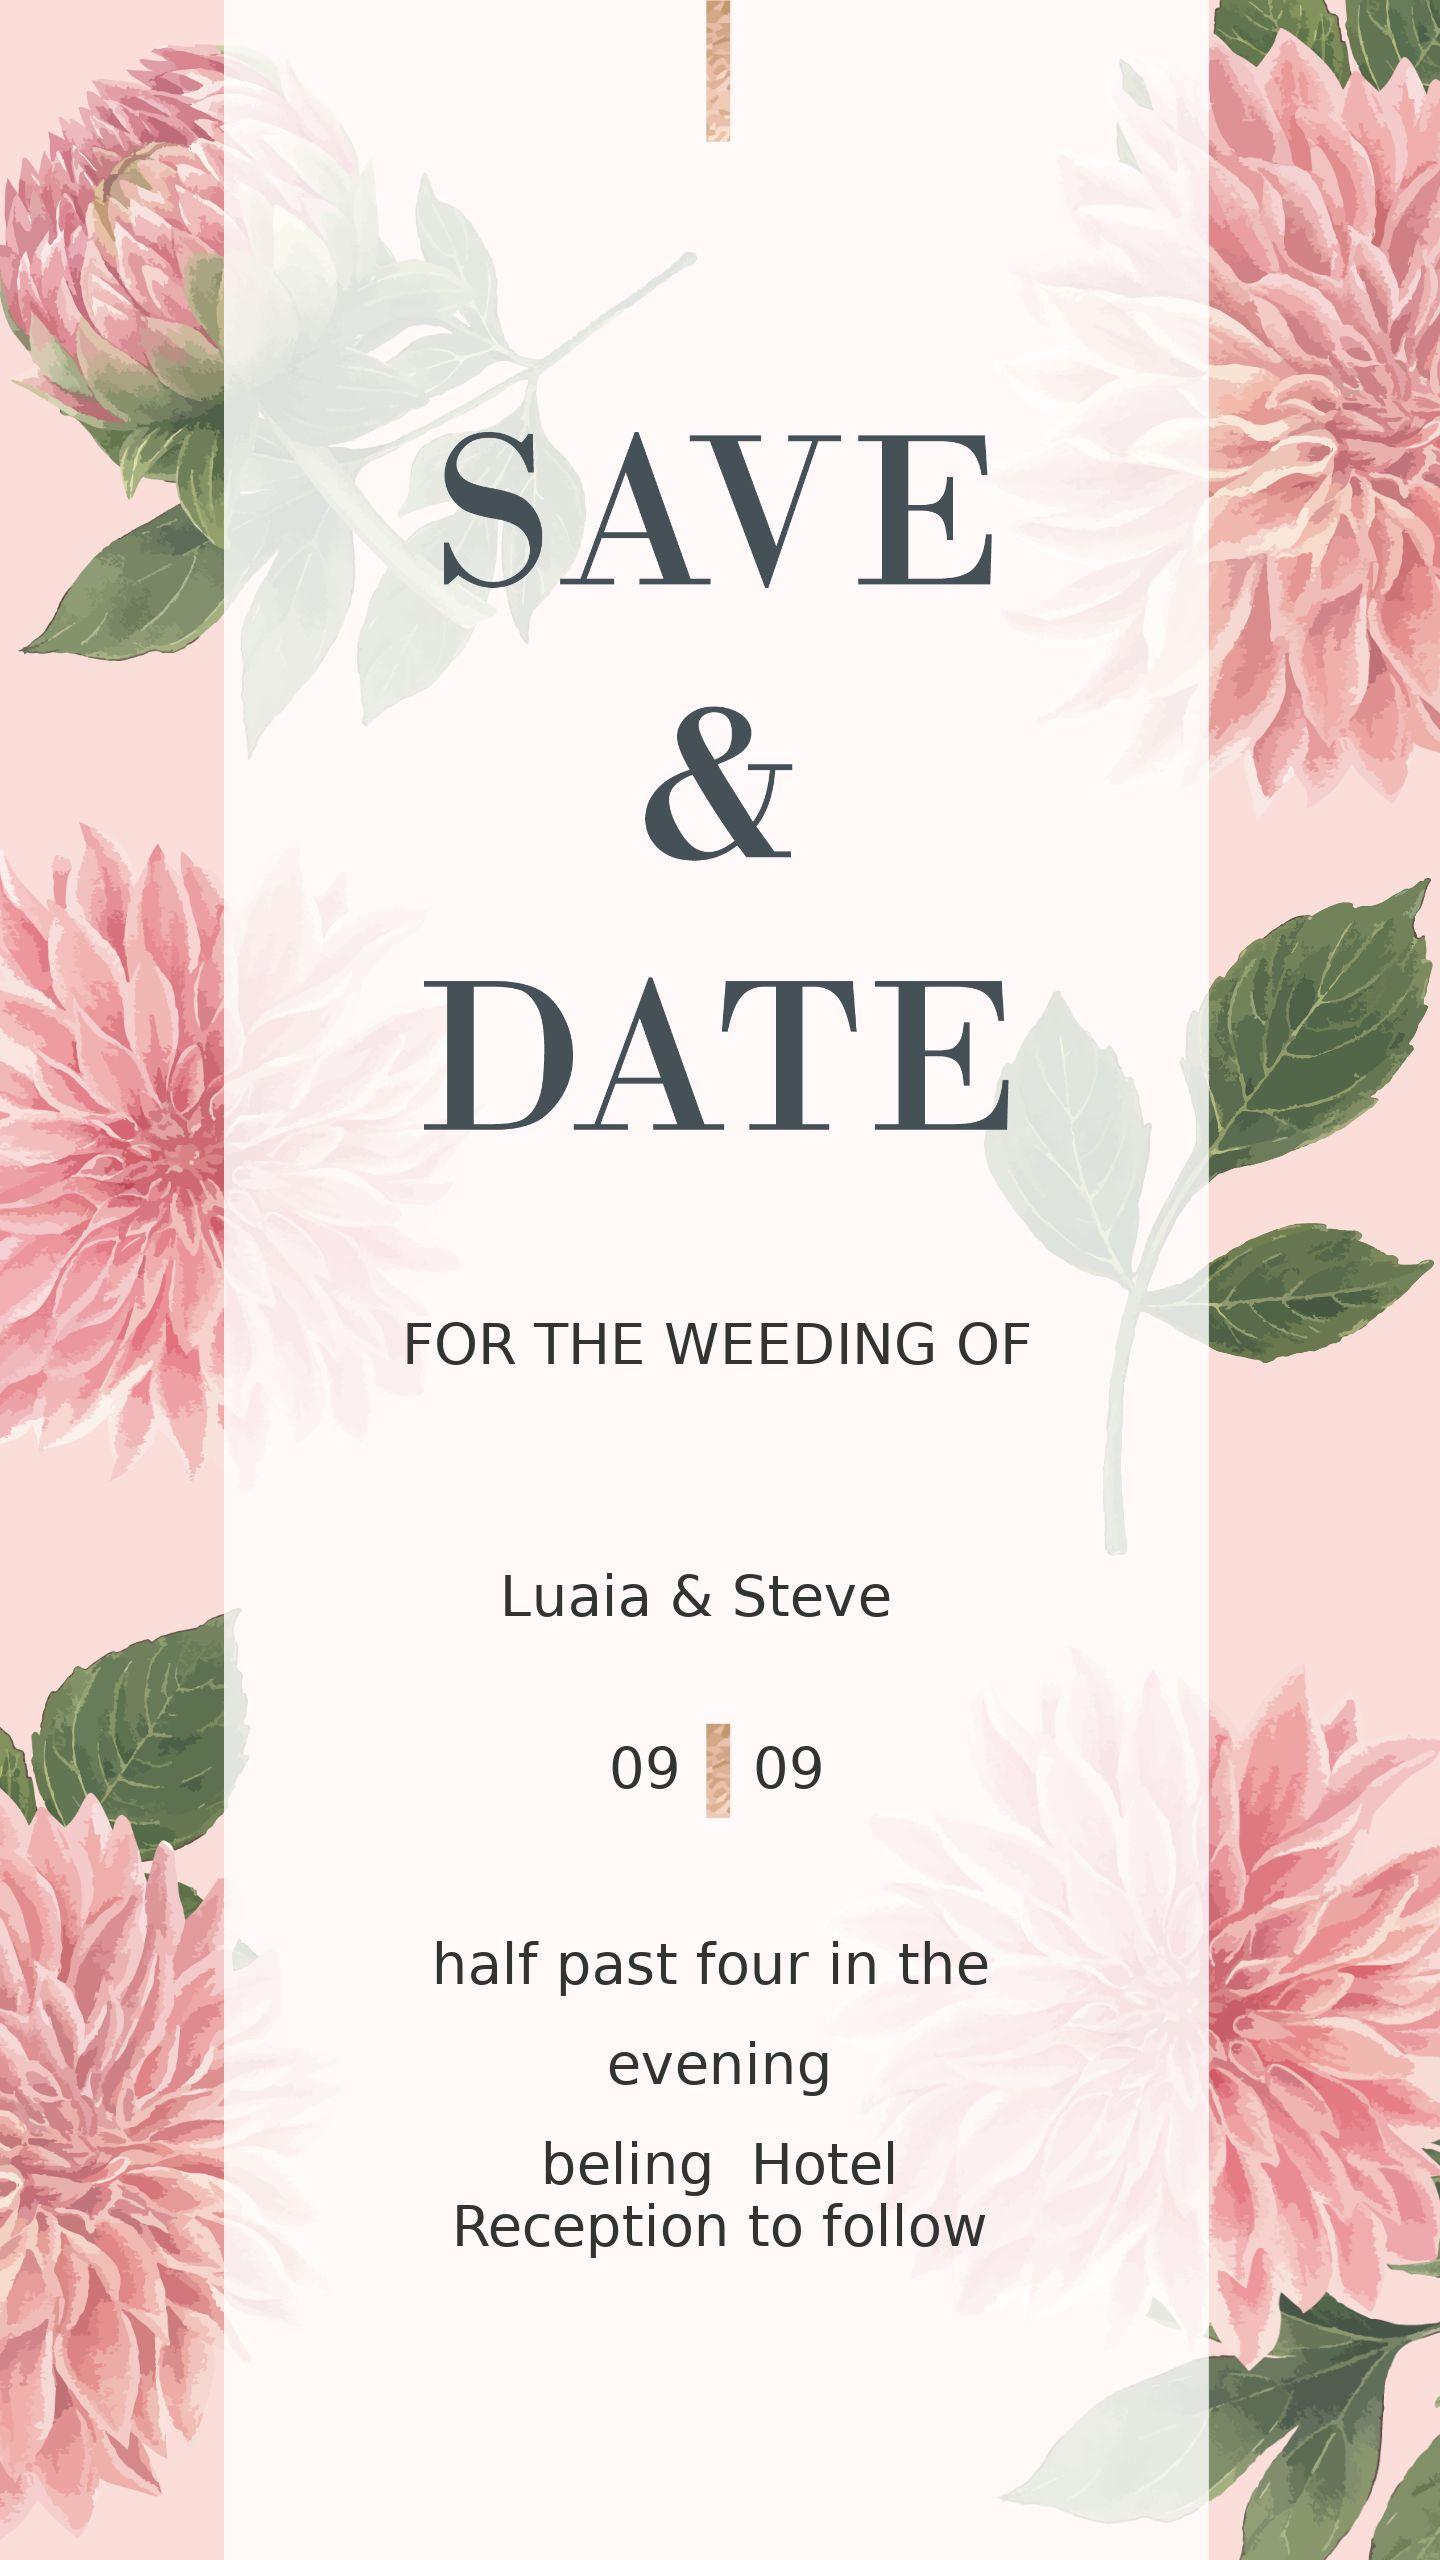 轻奢复古浪漫手绘花卉婚礼电子海报邀请函